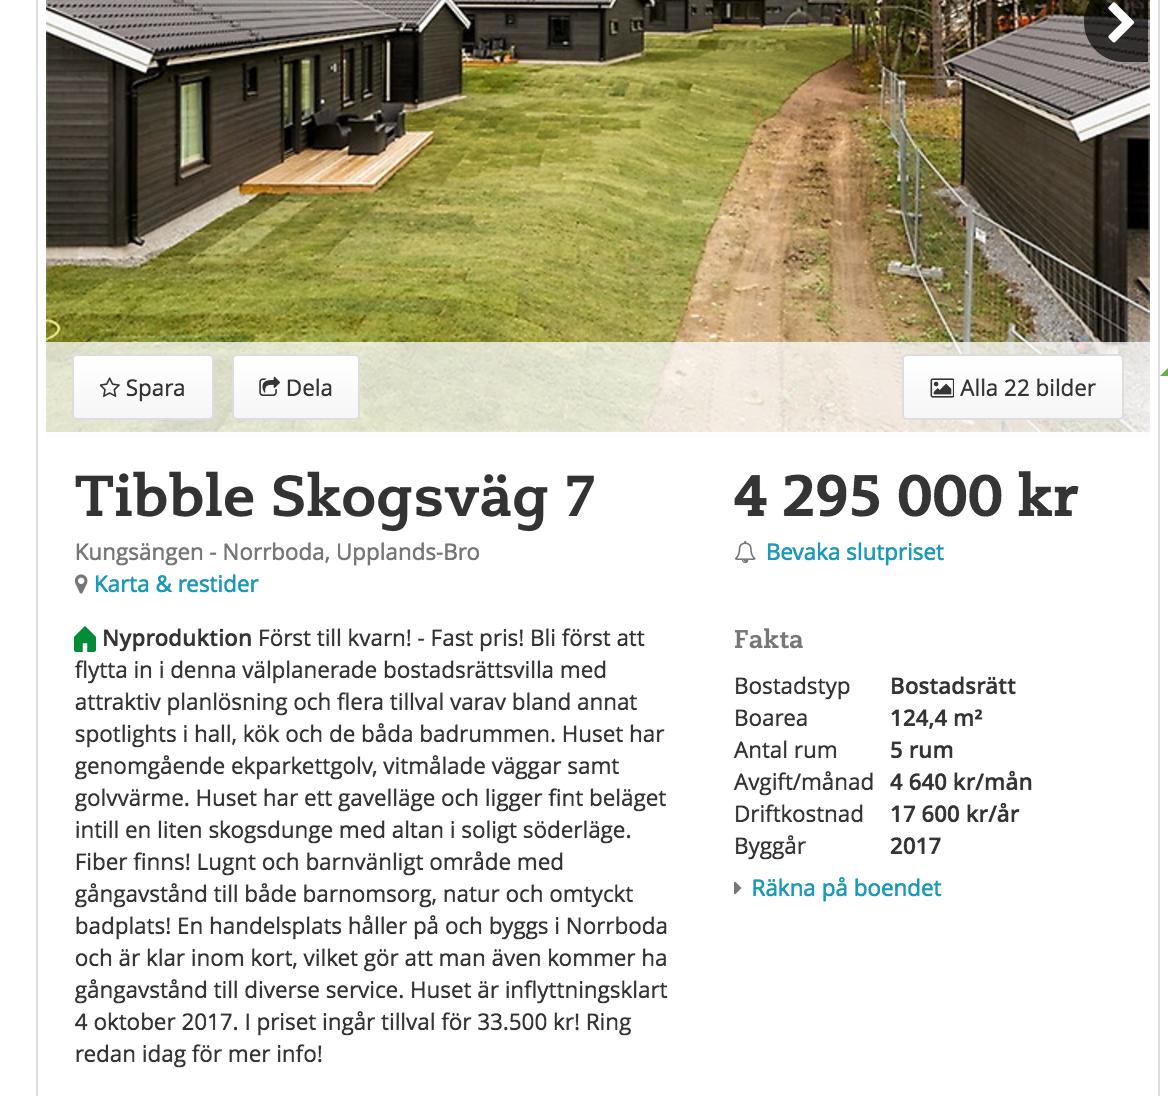 Bostaderna saljs snabbare och priserna okar